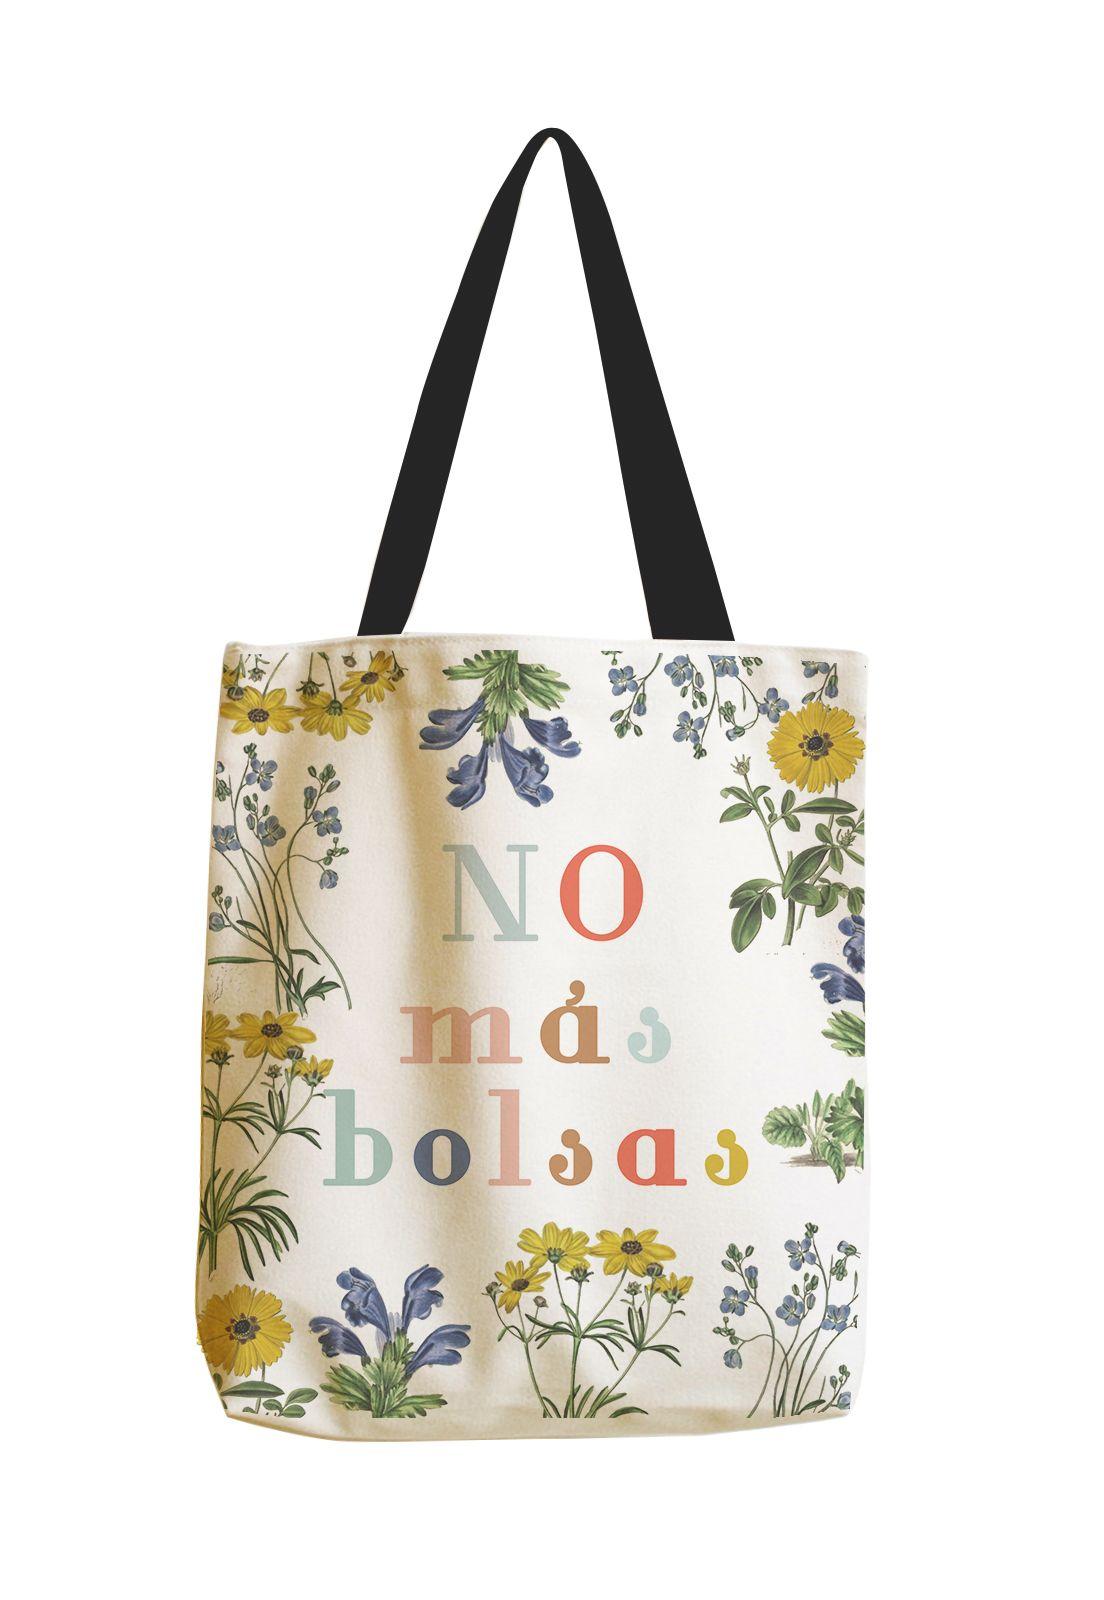 Tote Bag No Mas Bolsas